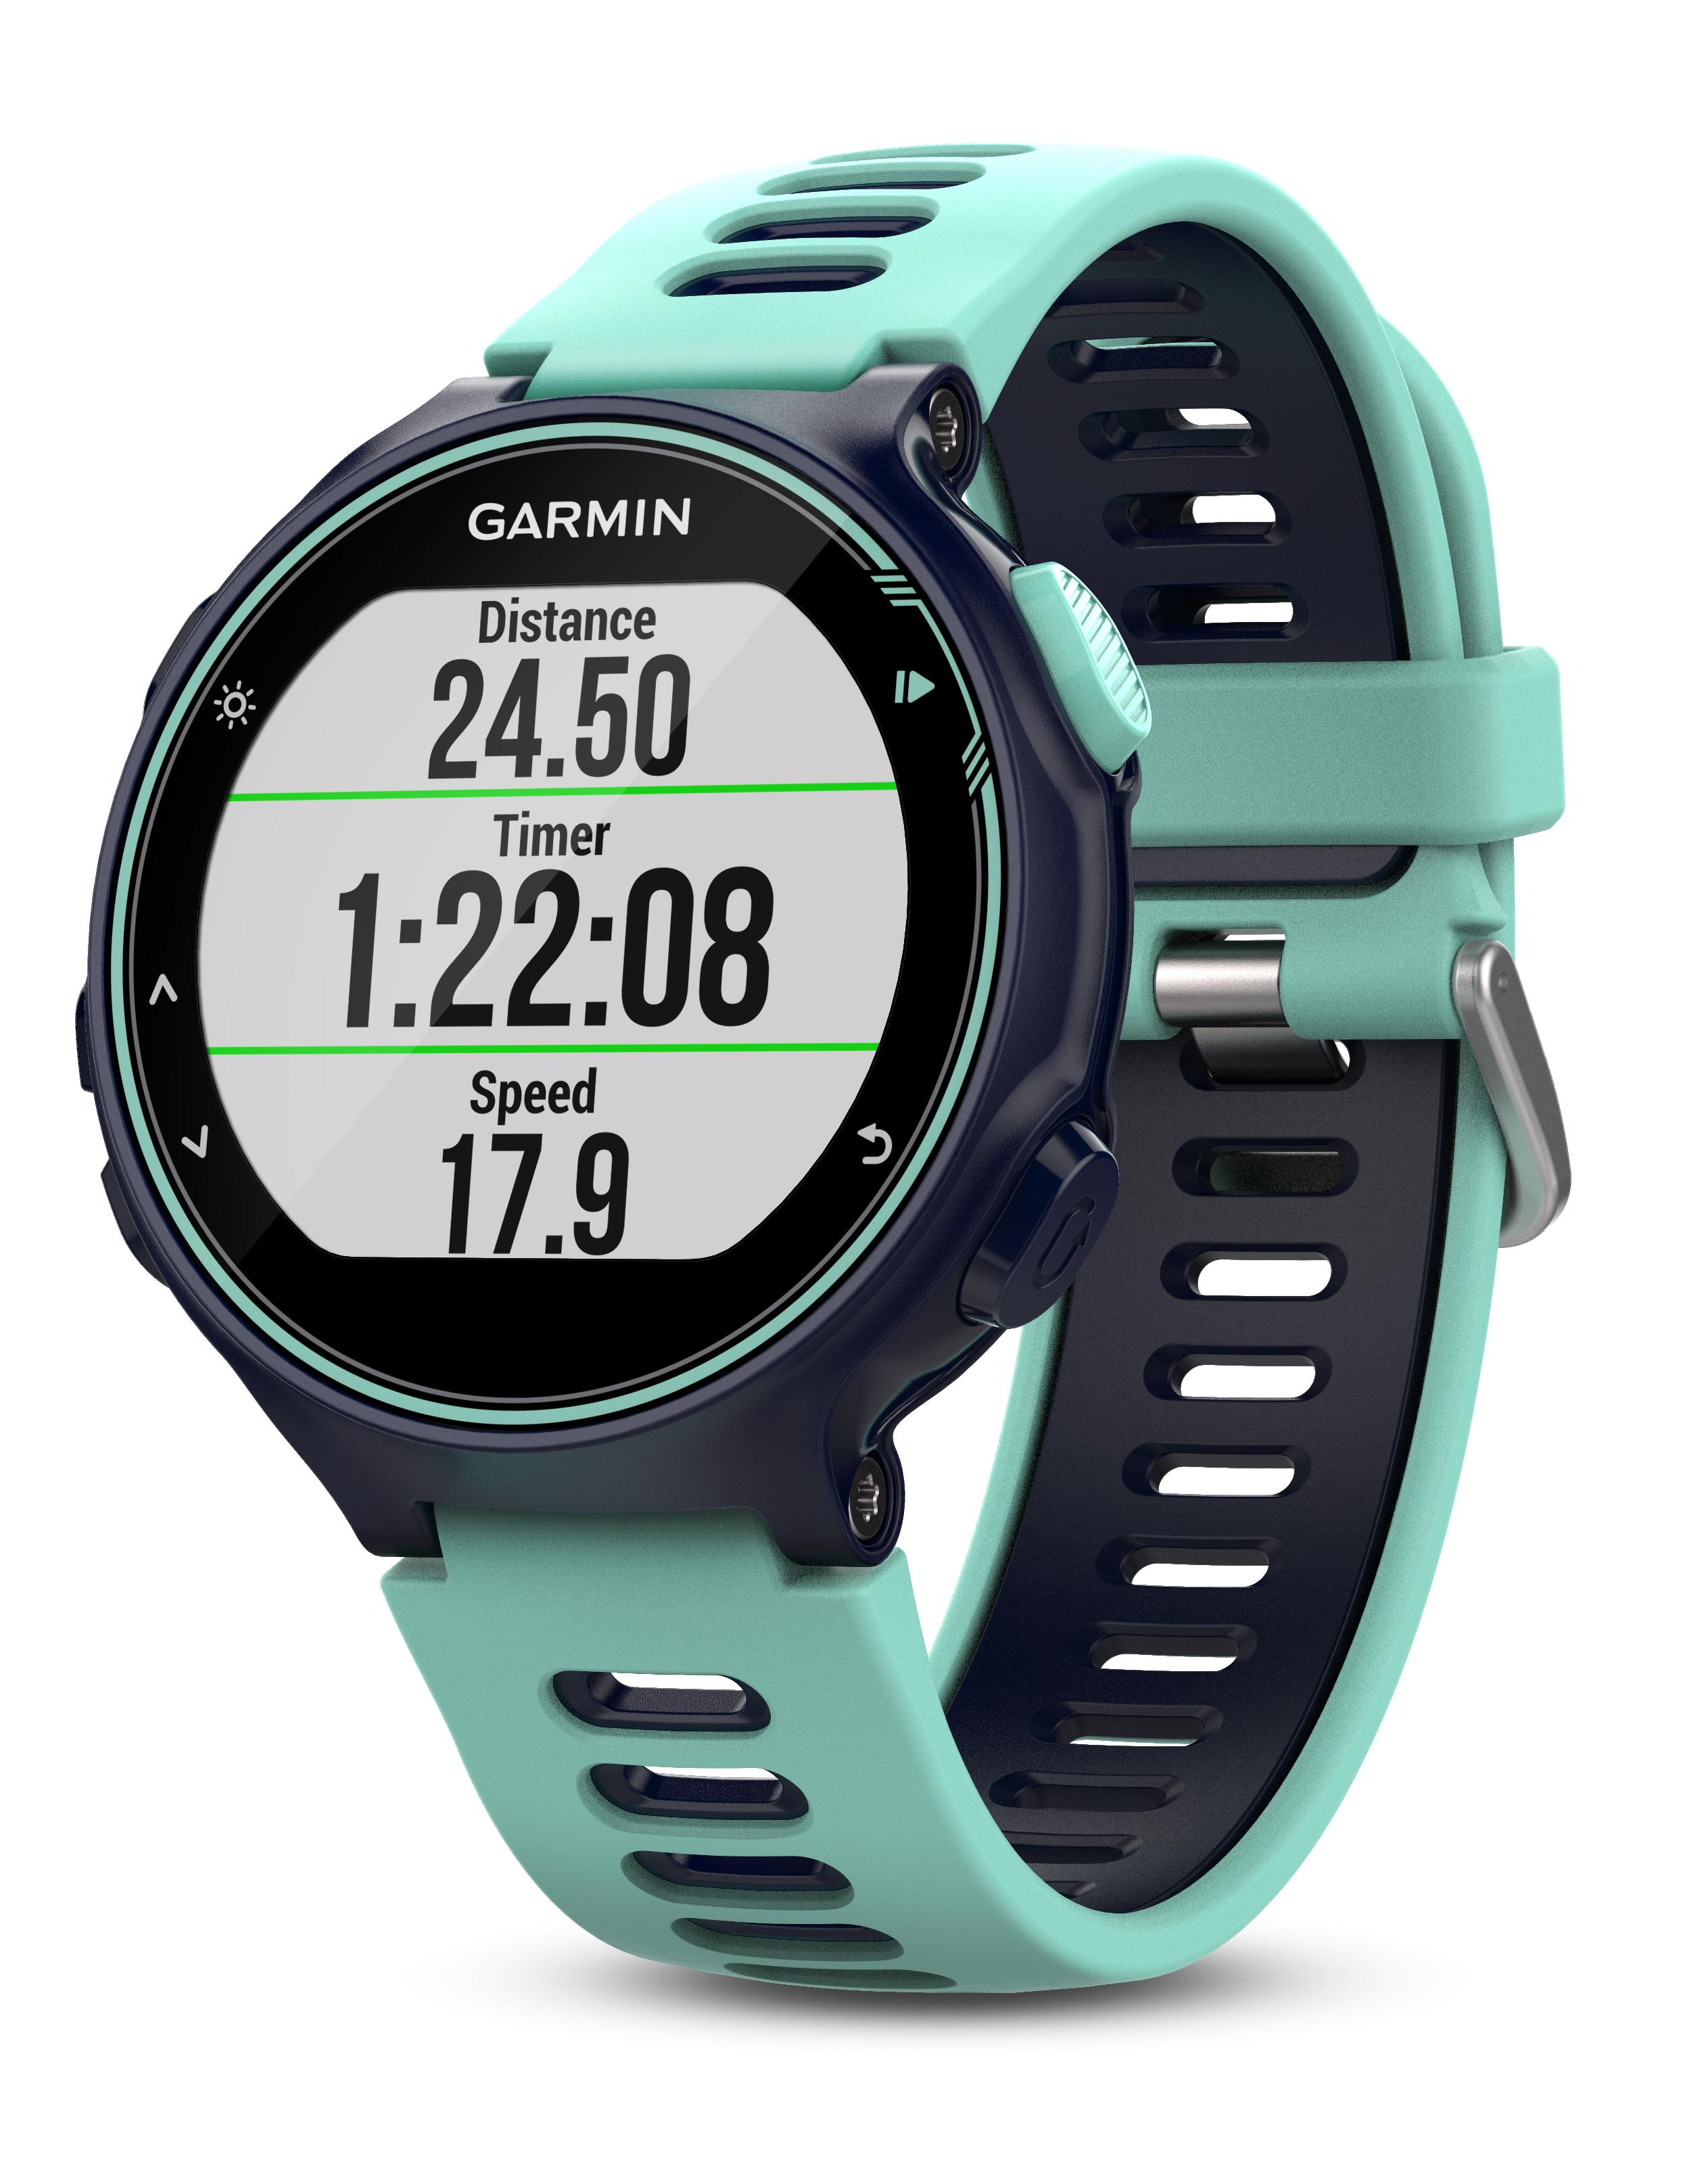 fe9d15172 Garmin Forerunner 735XT GPS Running Watch - Unisex   MEC